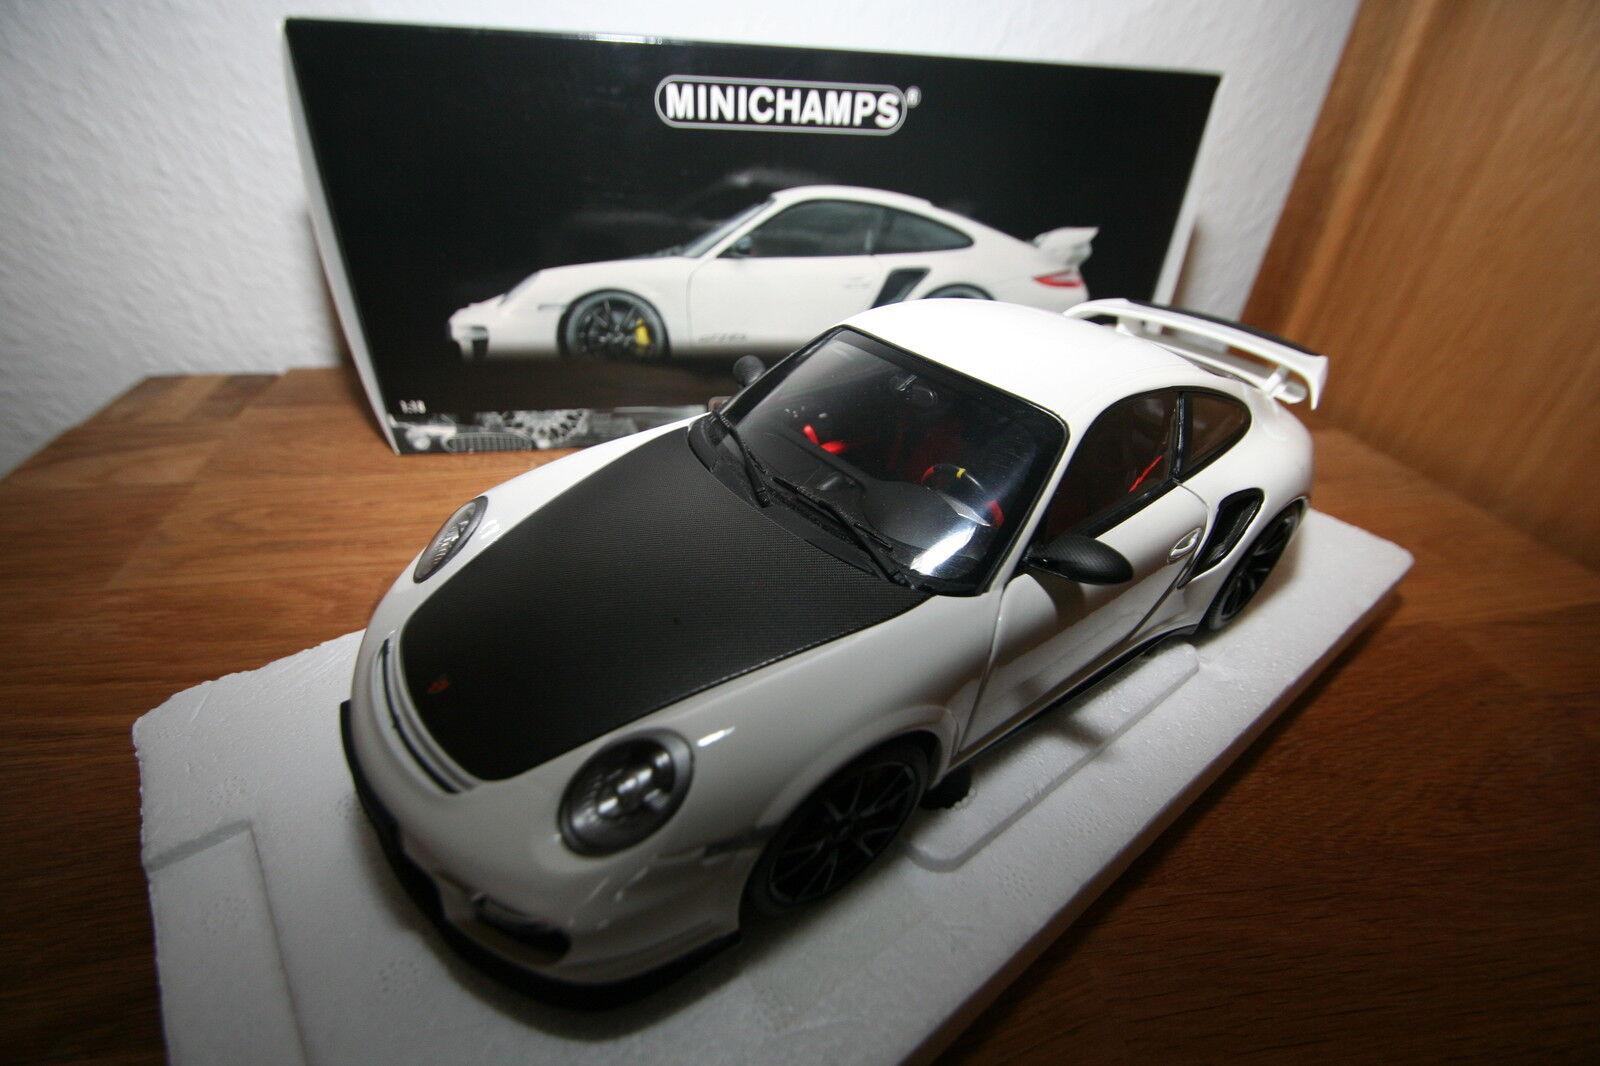 Minichamps 1 18 100069405 100069405 100069405 Porsche 911 GT2 RS 2011 white black mit blacken Fel 04abe9